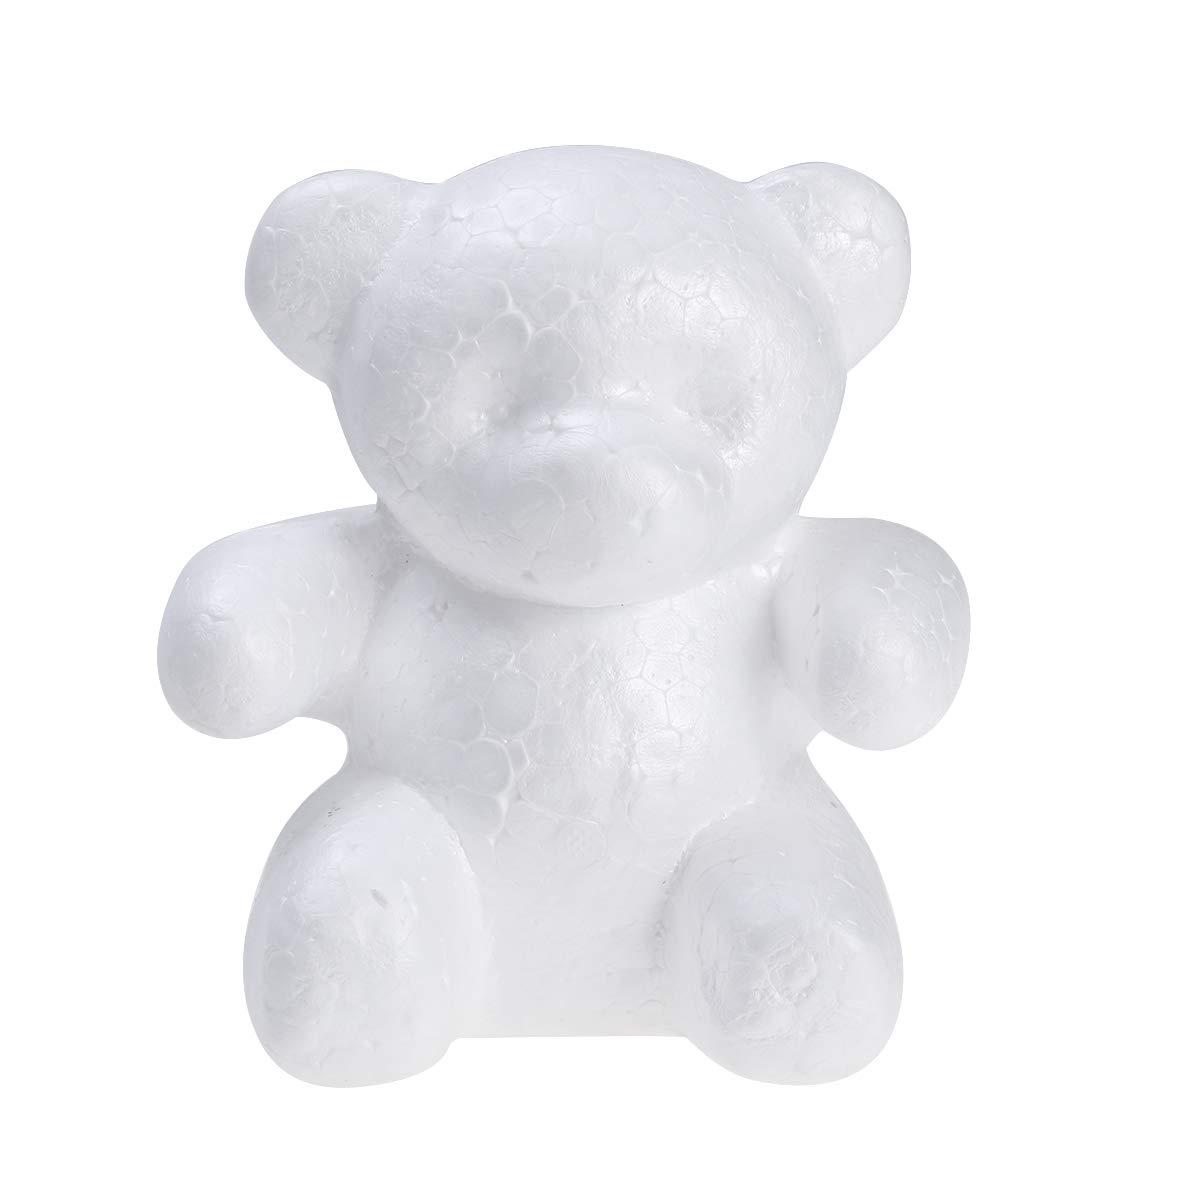 10cm Wei/ß BESTOYARD Polystyrol B/är Schaum B/är Form f/ür Kinder DIY Handwerk Valentinstag Geschenk 15